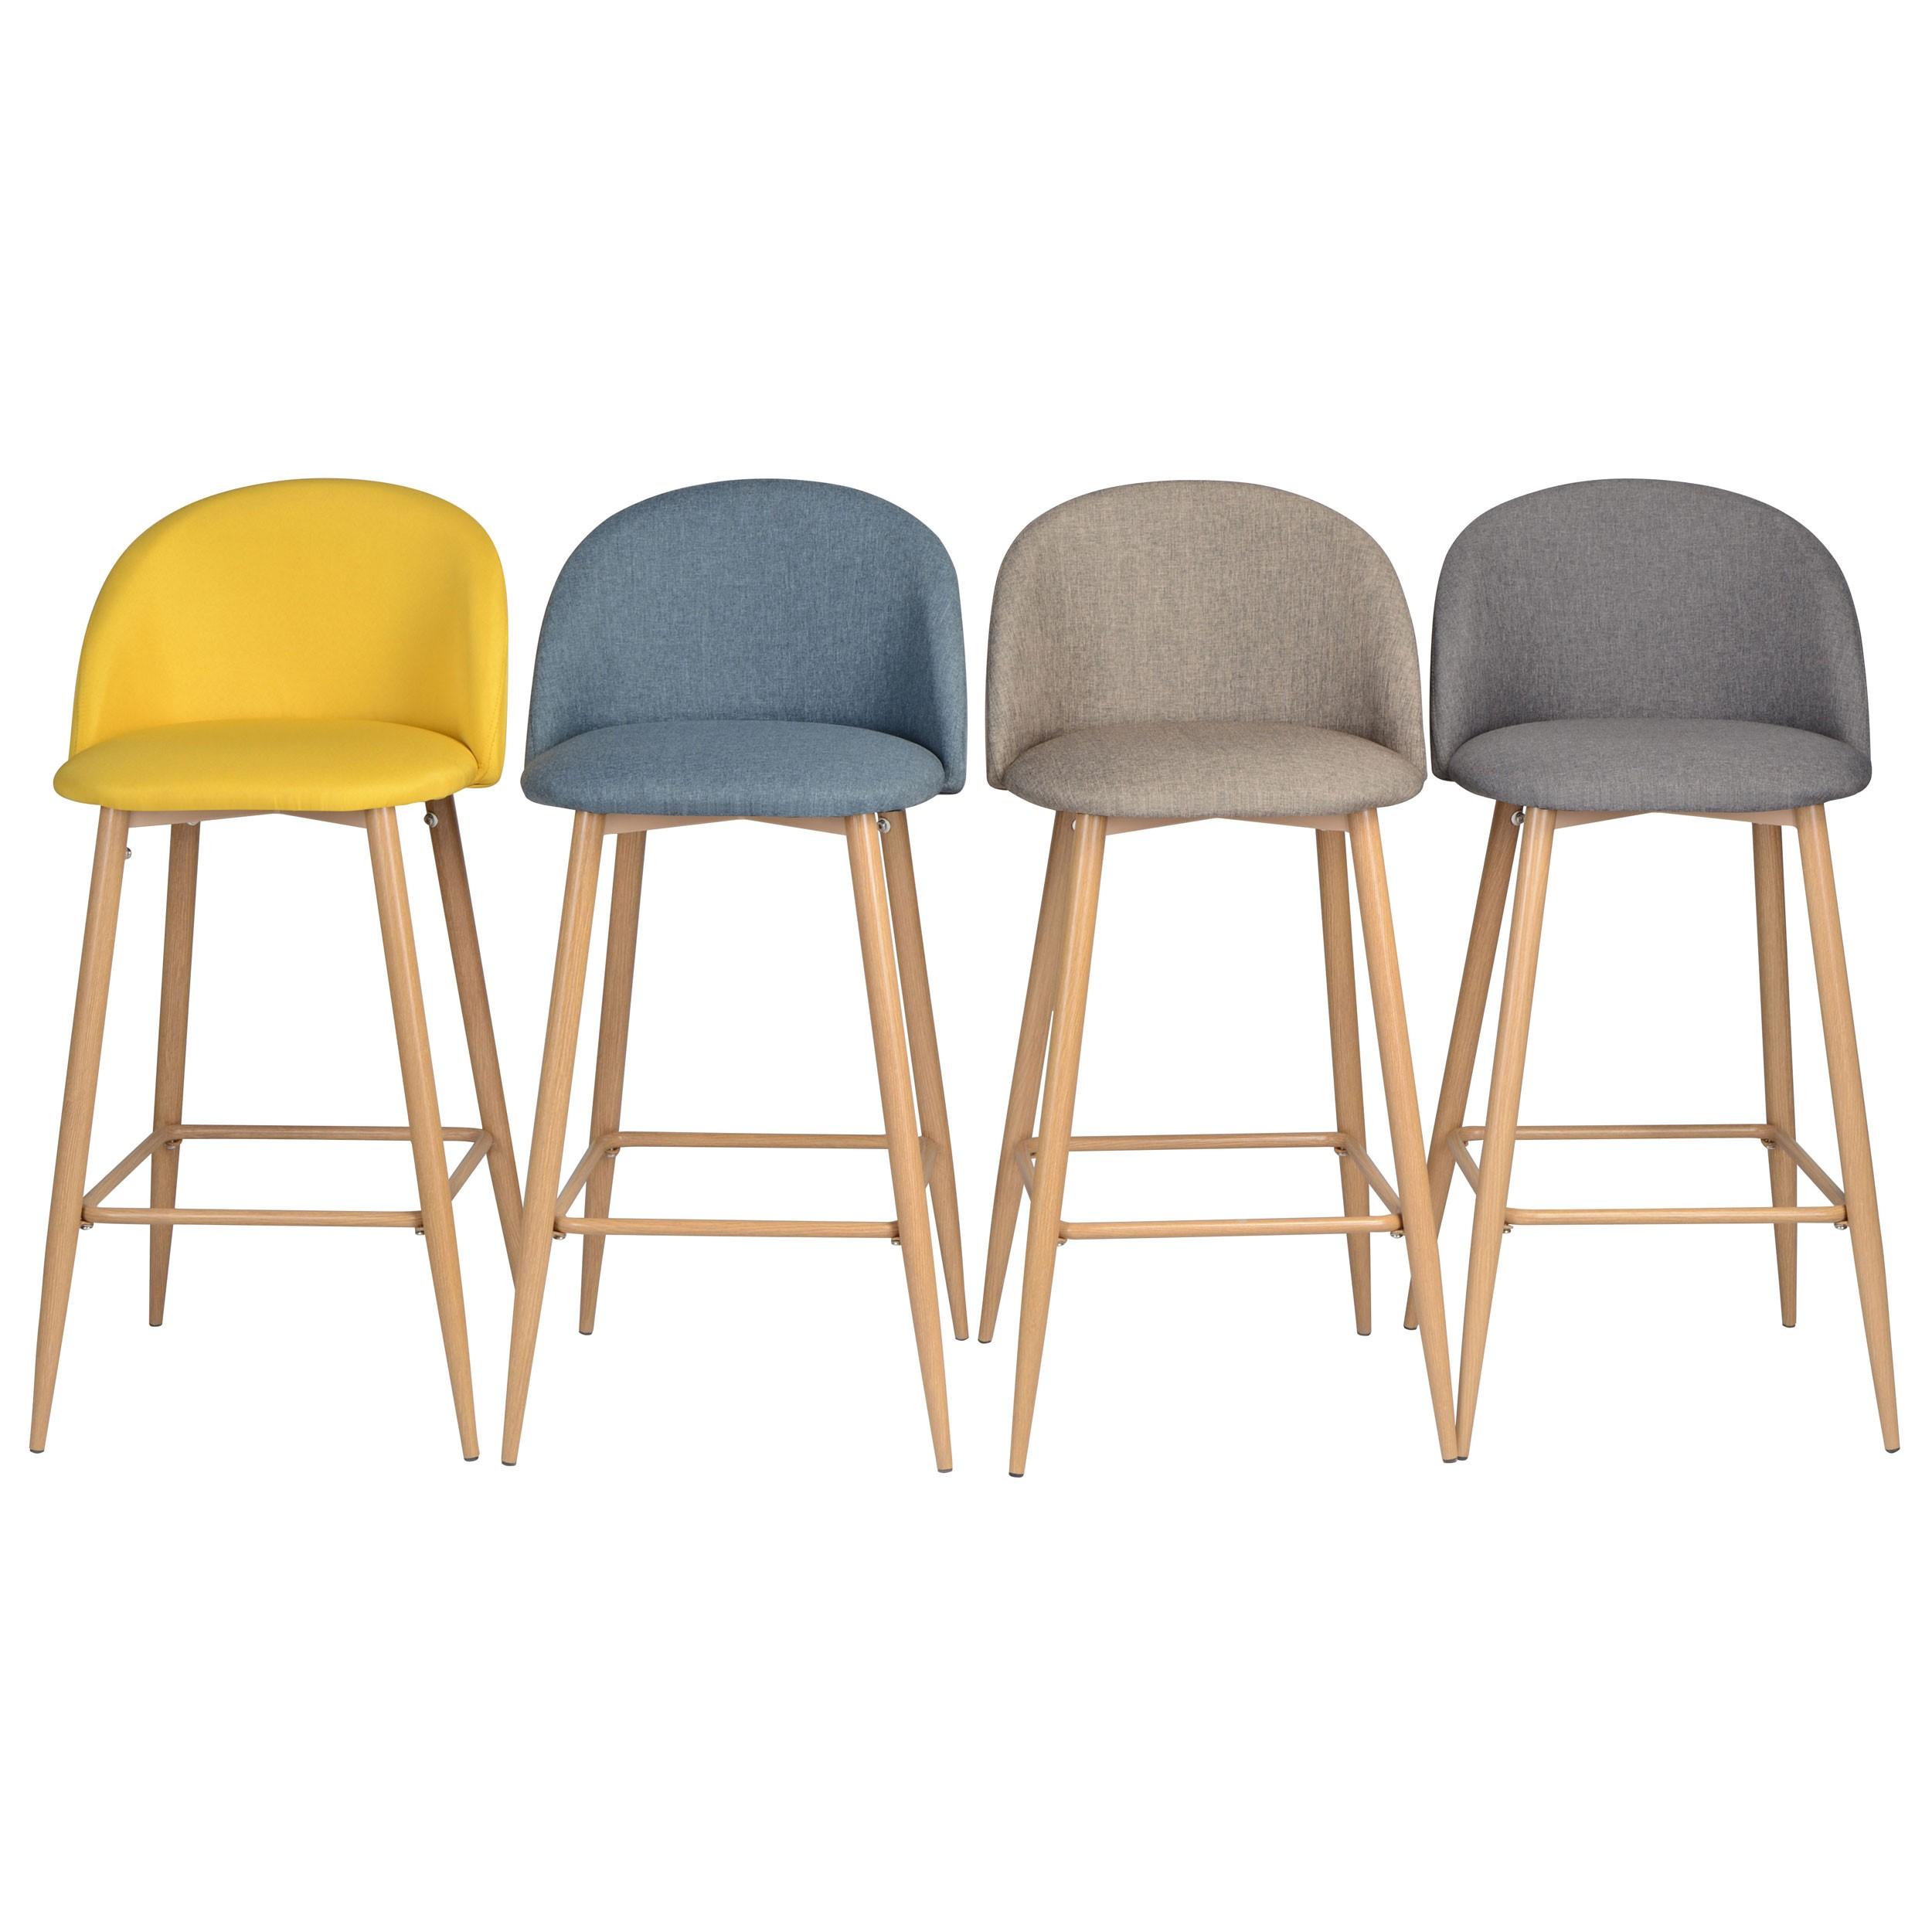 chaise de bar cozy grise lot de 2 achetez nos chaises de bar cozy grises lot de 2 rdv d co. Black Bedroom Furniture Sets. Home Design Ideas